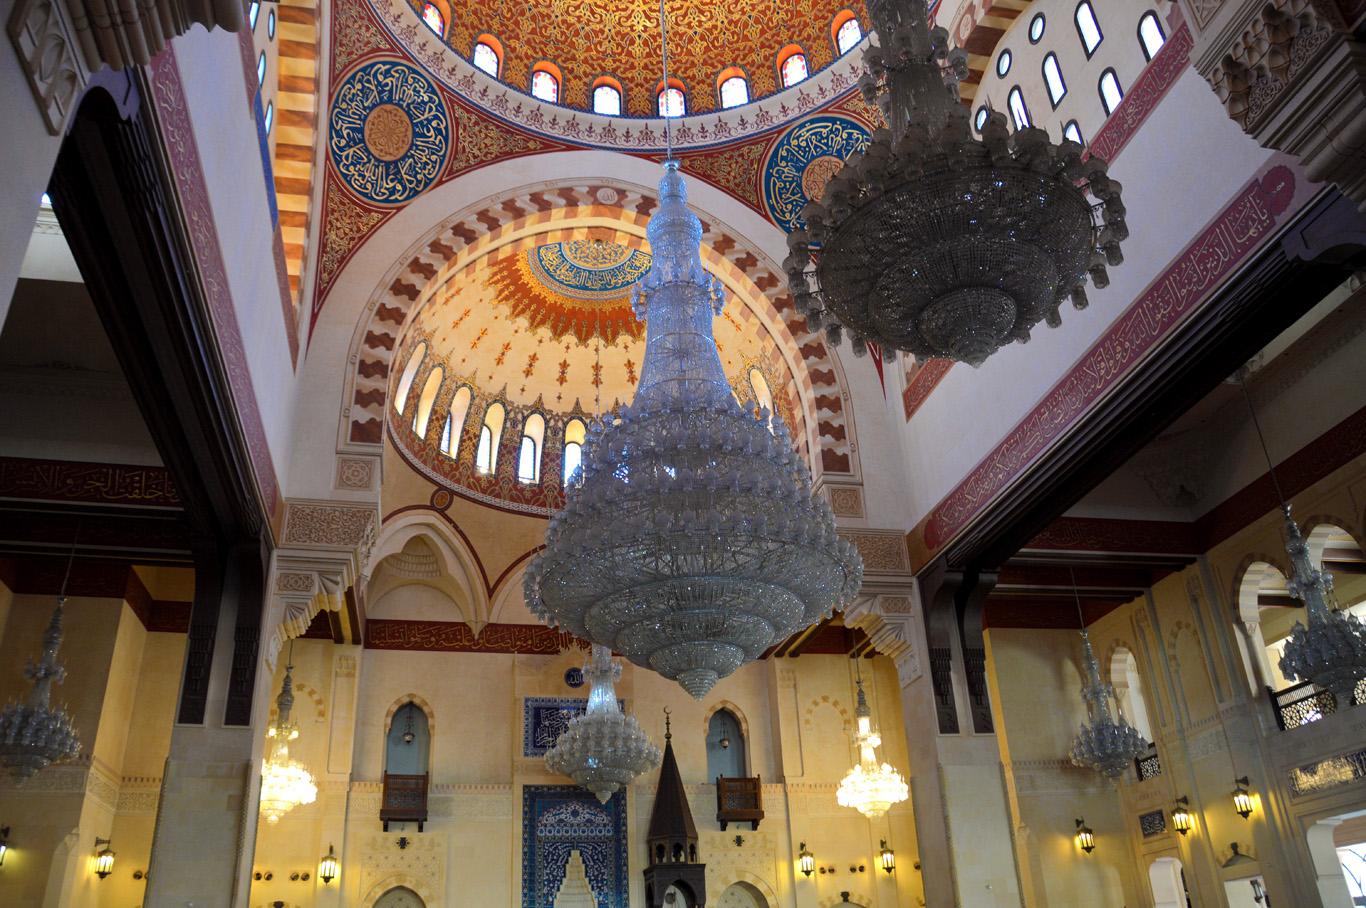 The interior of the Al Amine Mosque